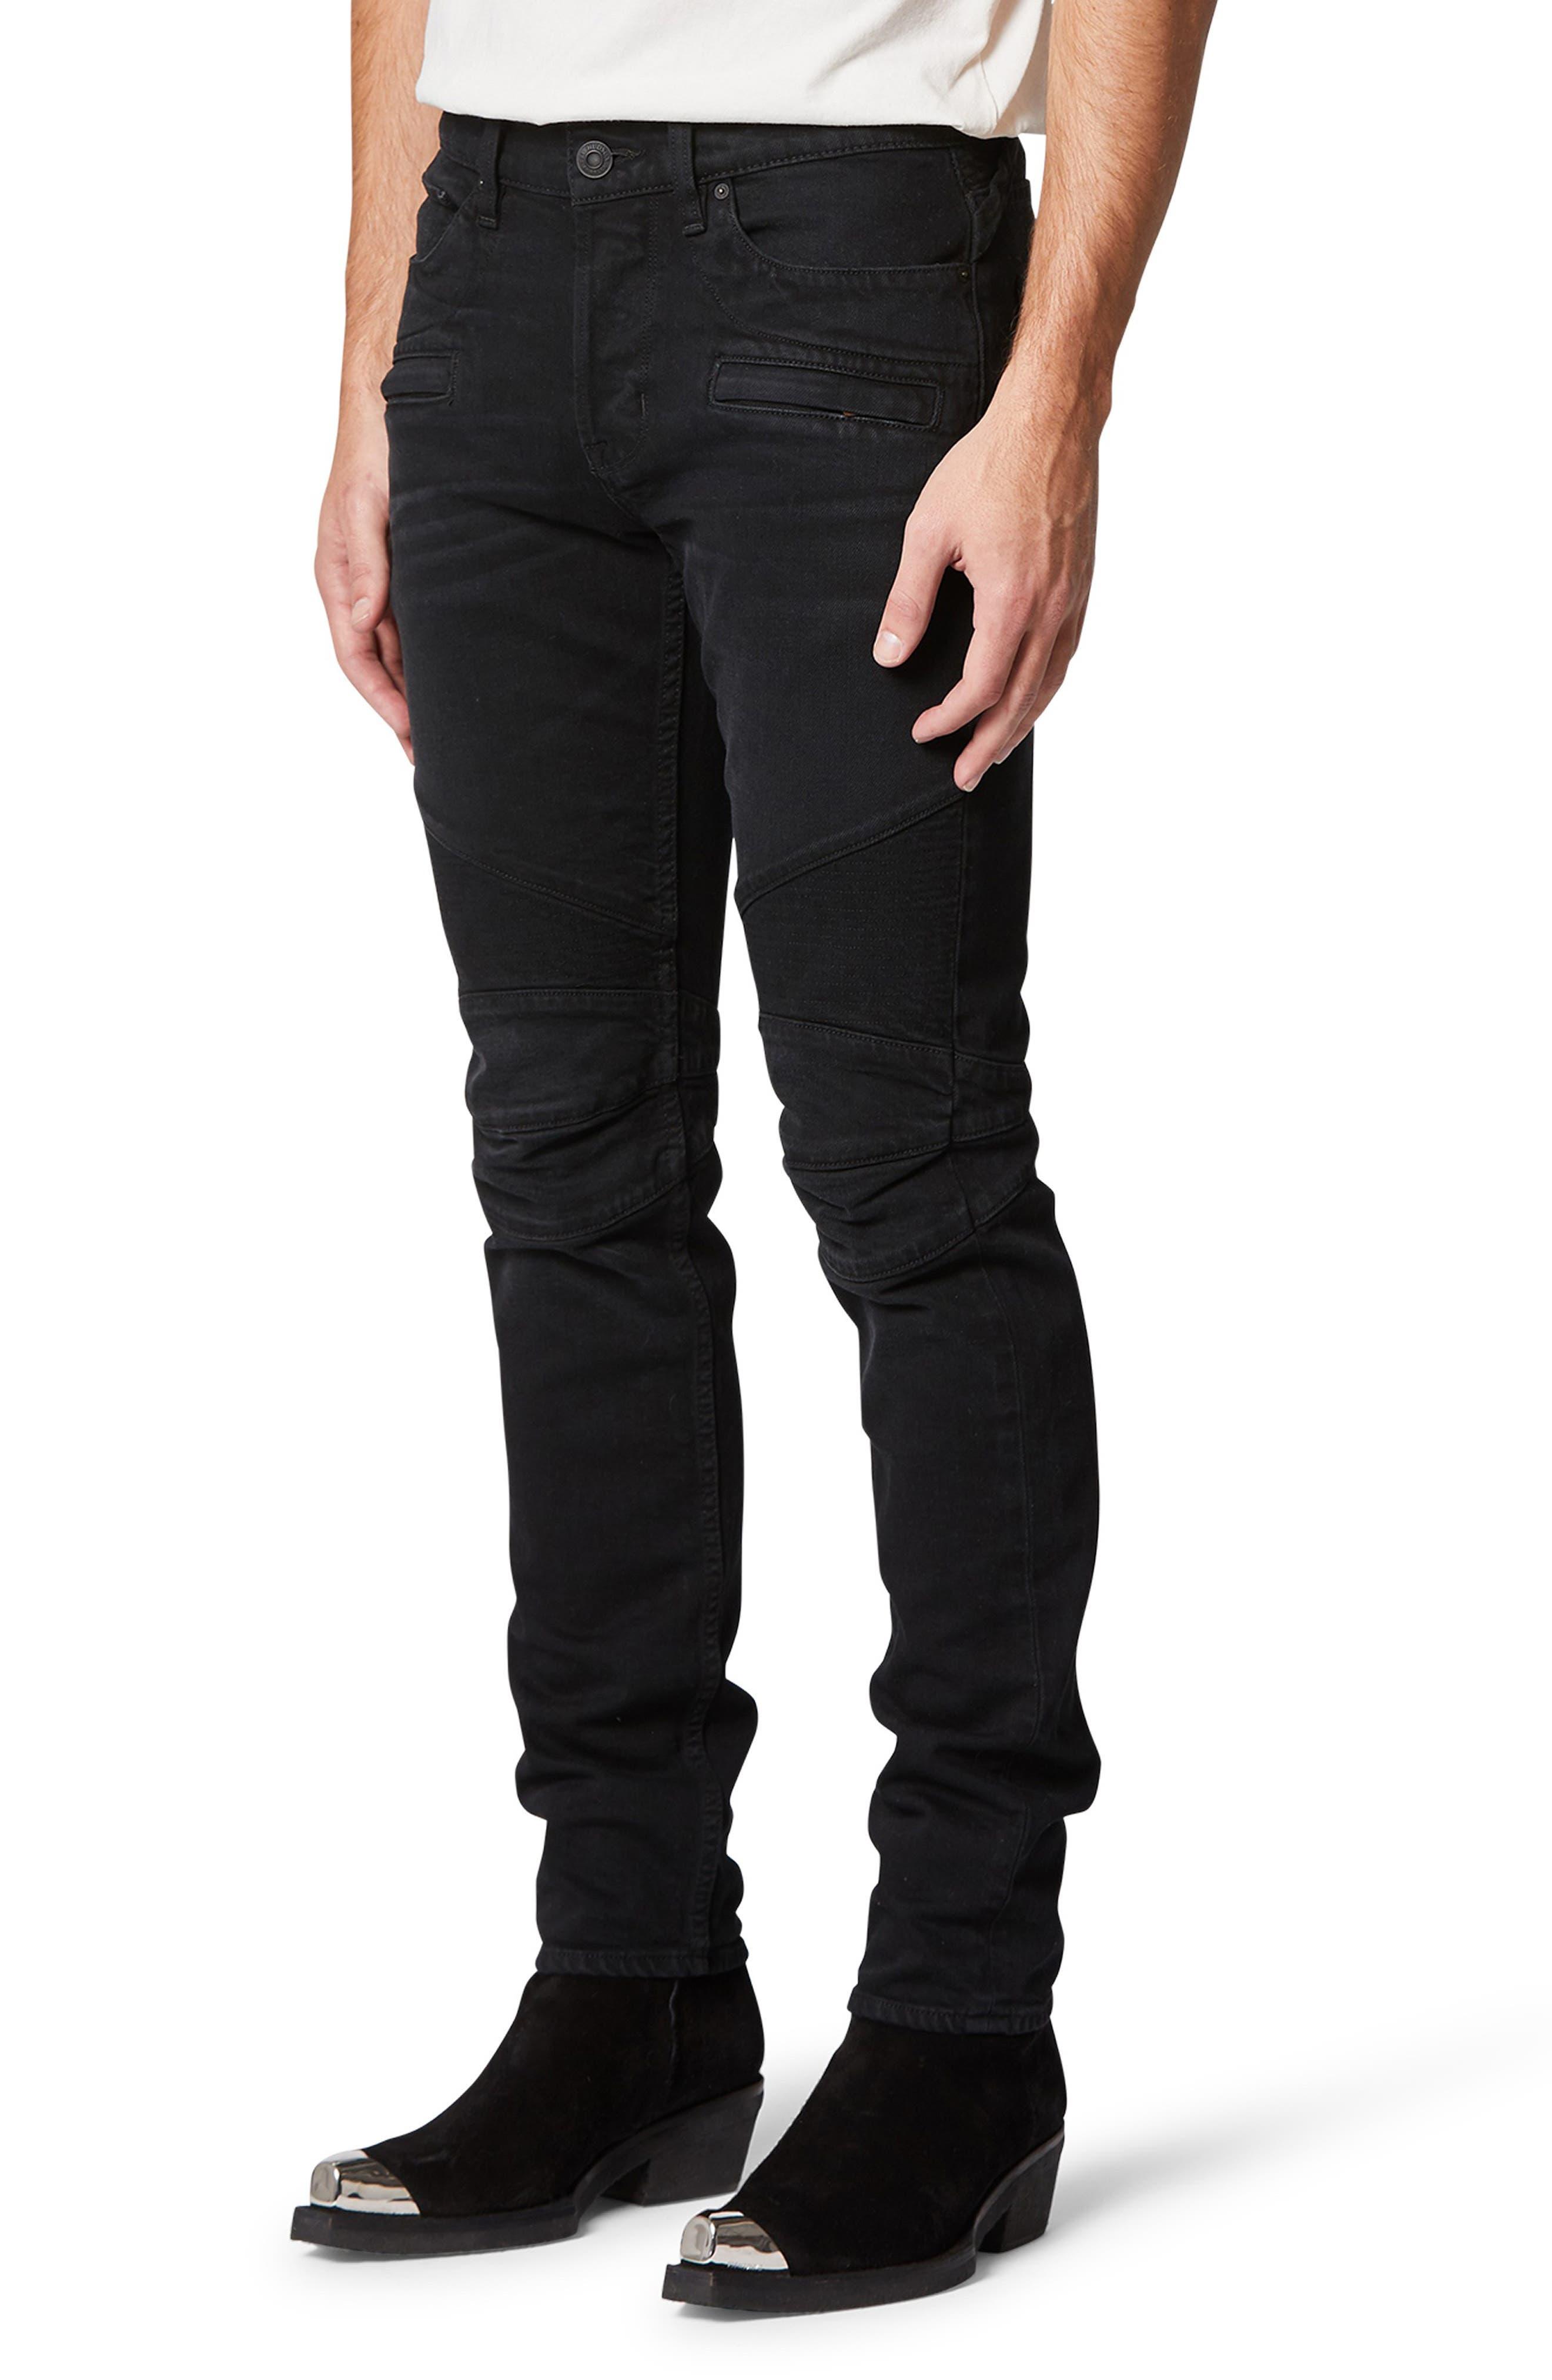 The Blinder V.2 Skinny Fit Biker Jeans